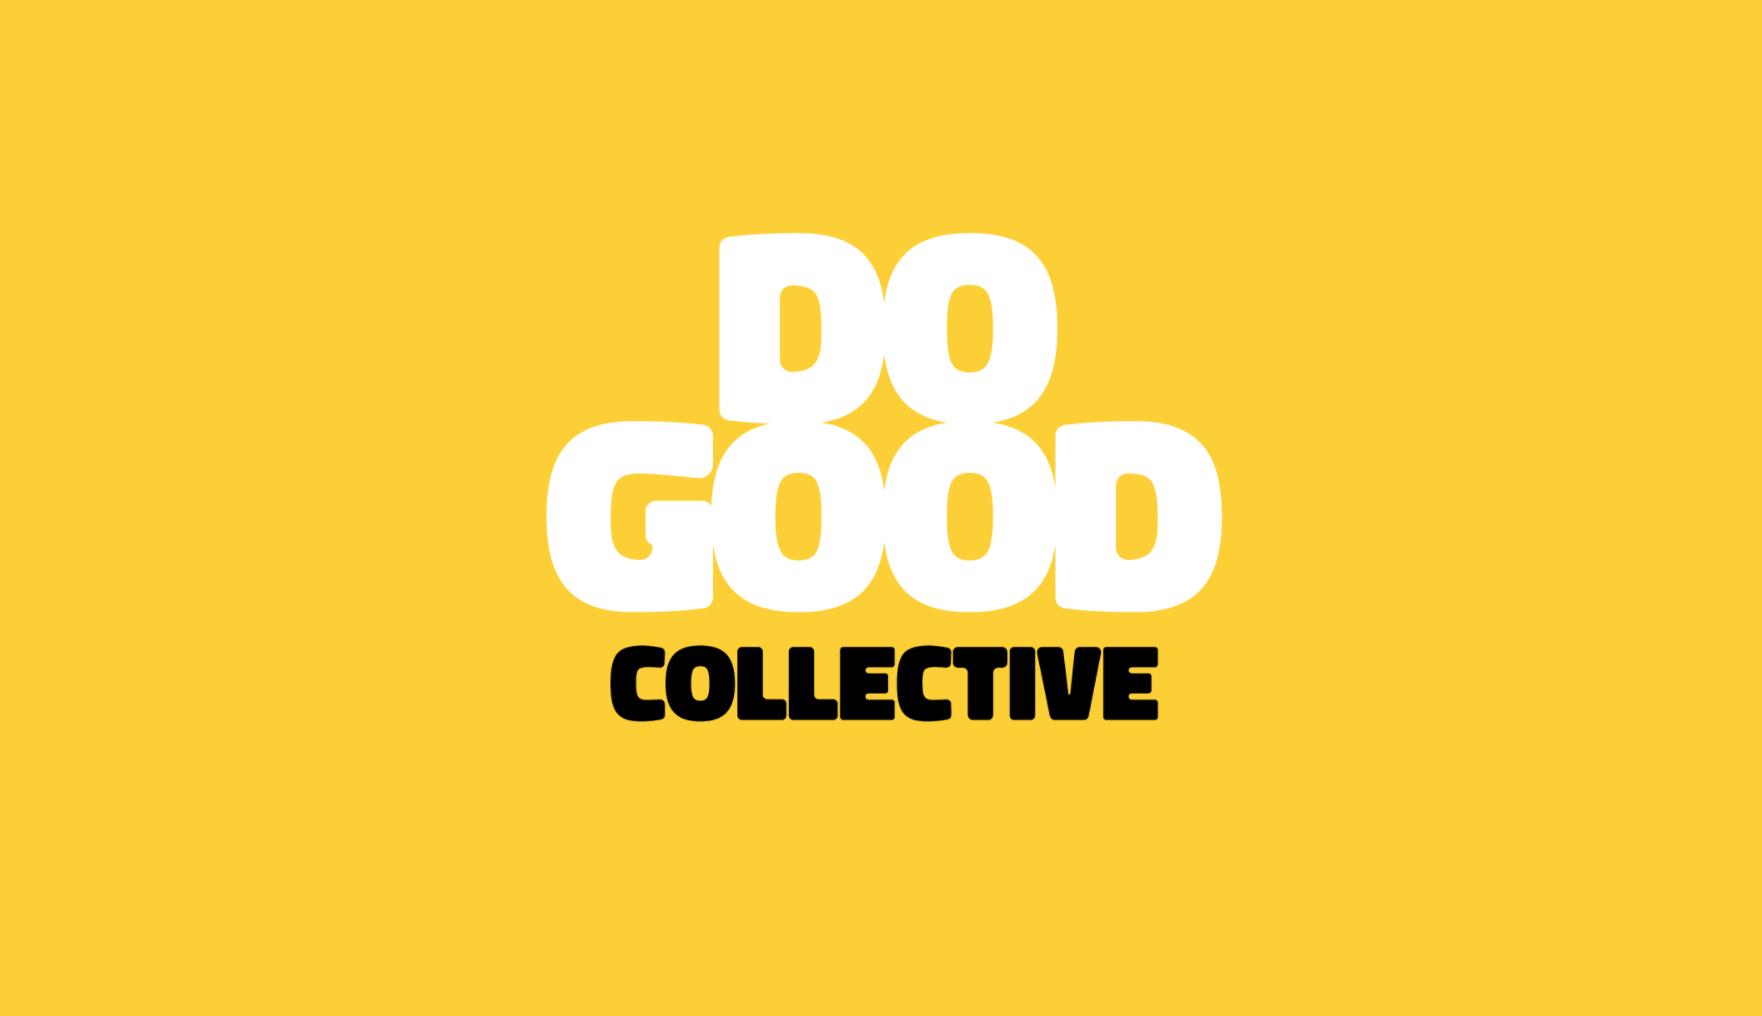 Do Good Collective